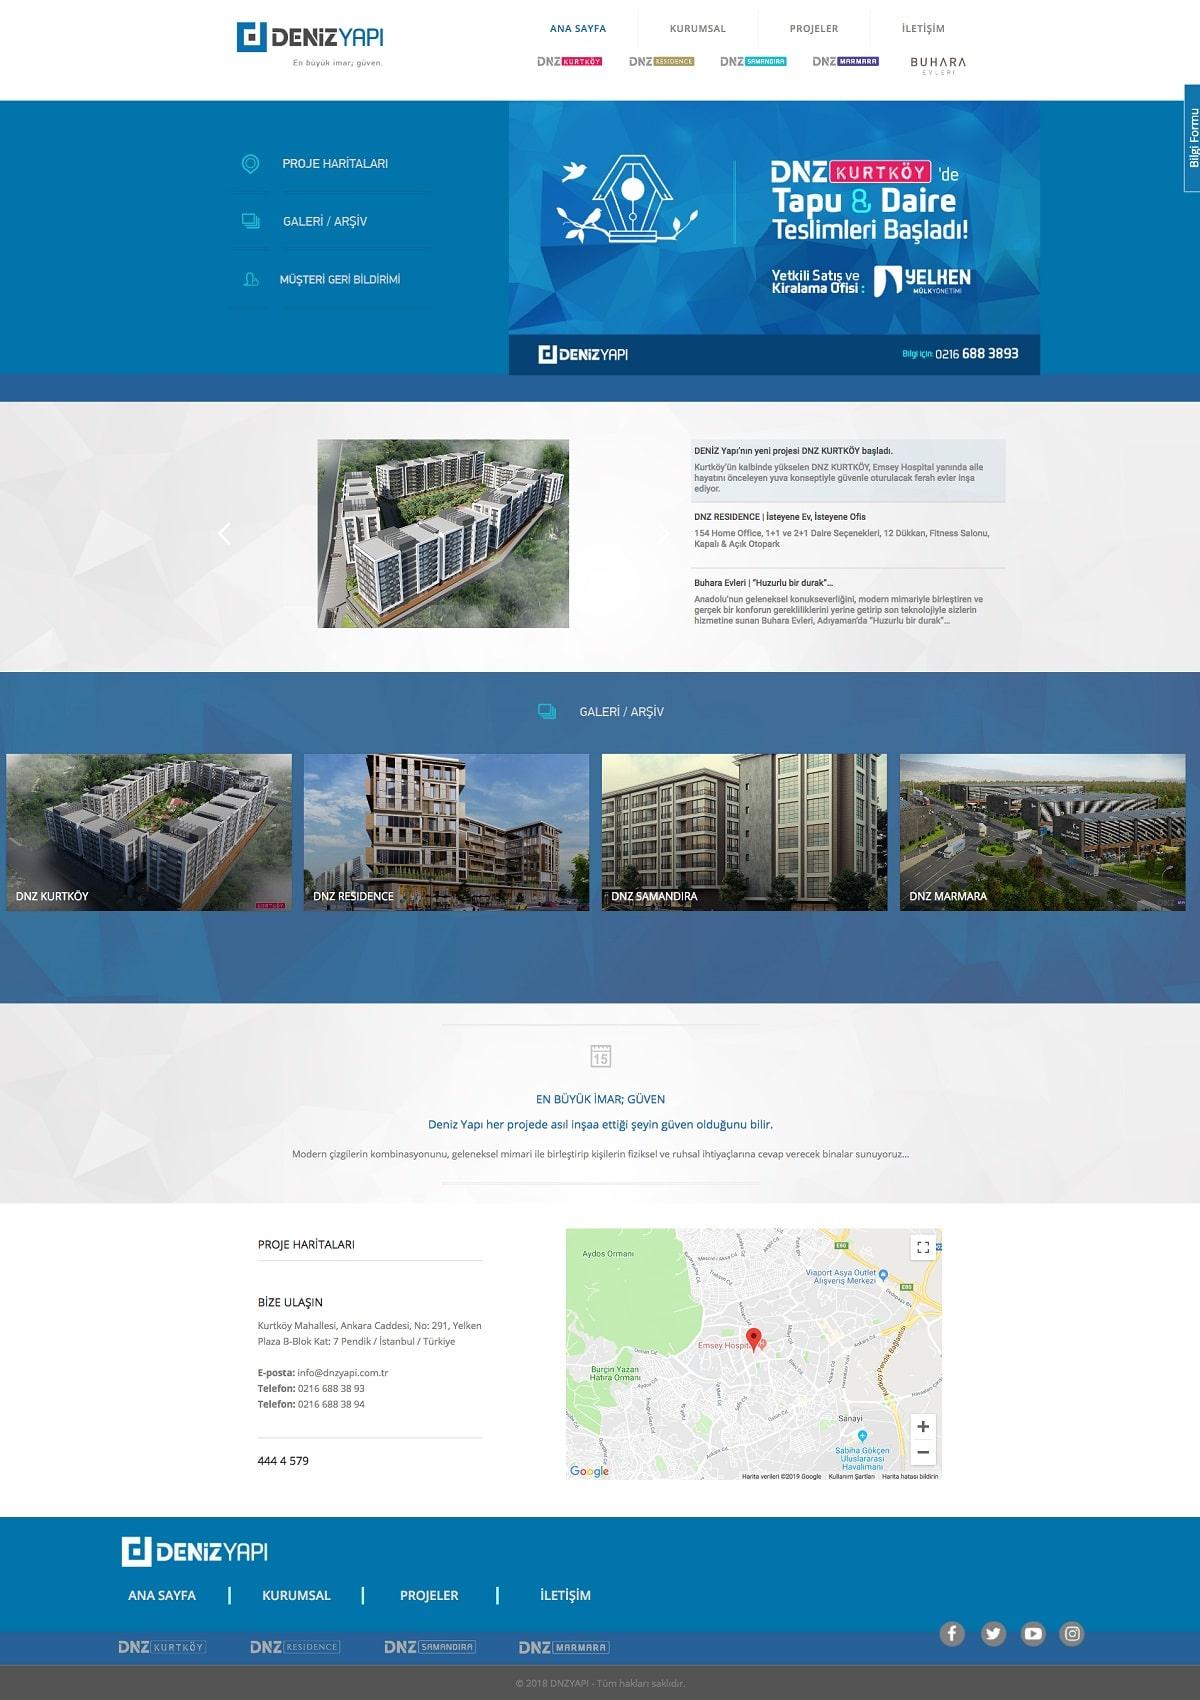 Deniz Yapı İnşaat Web Sitesi